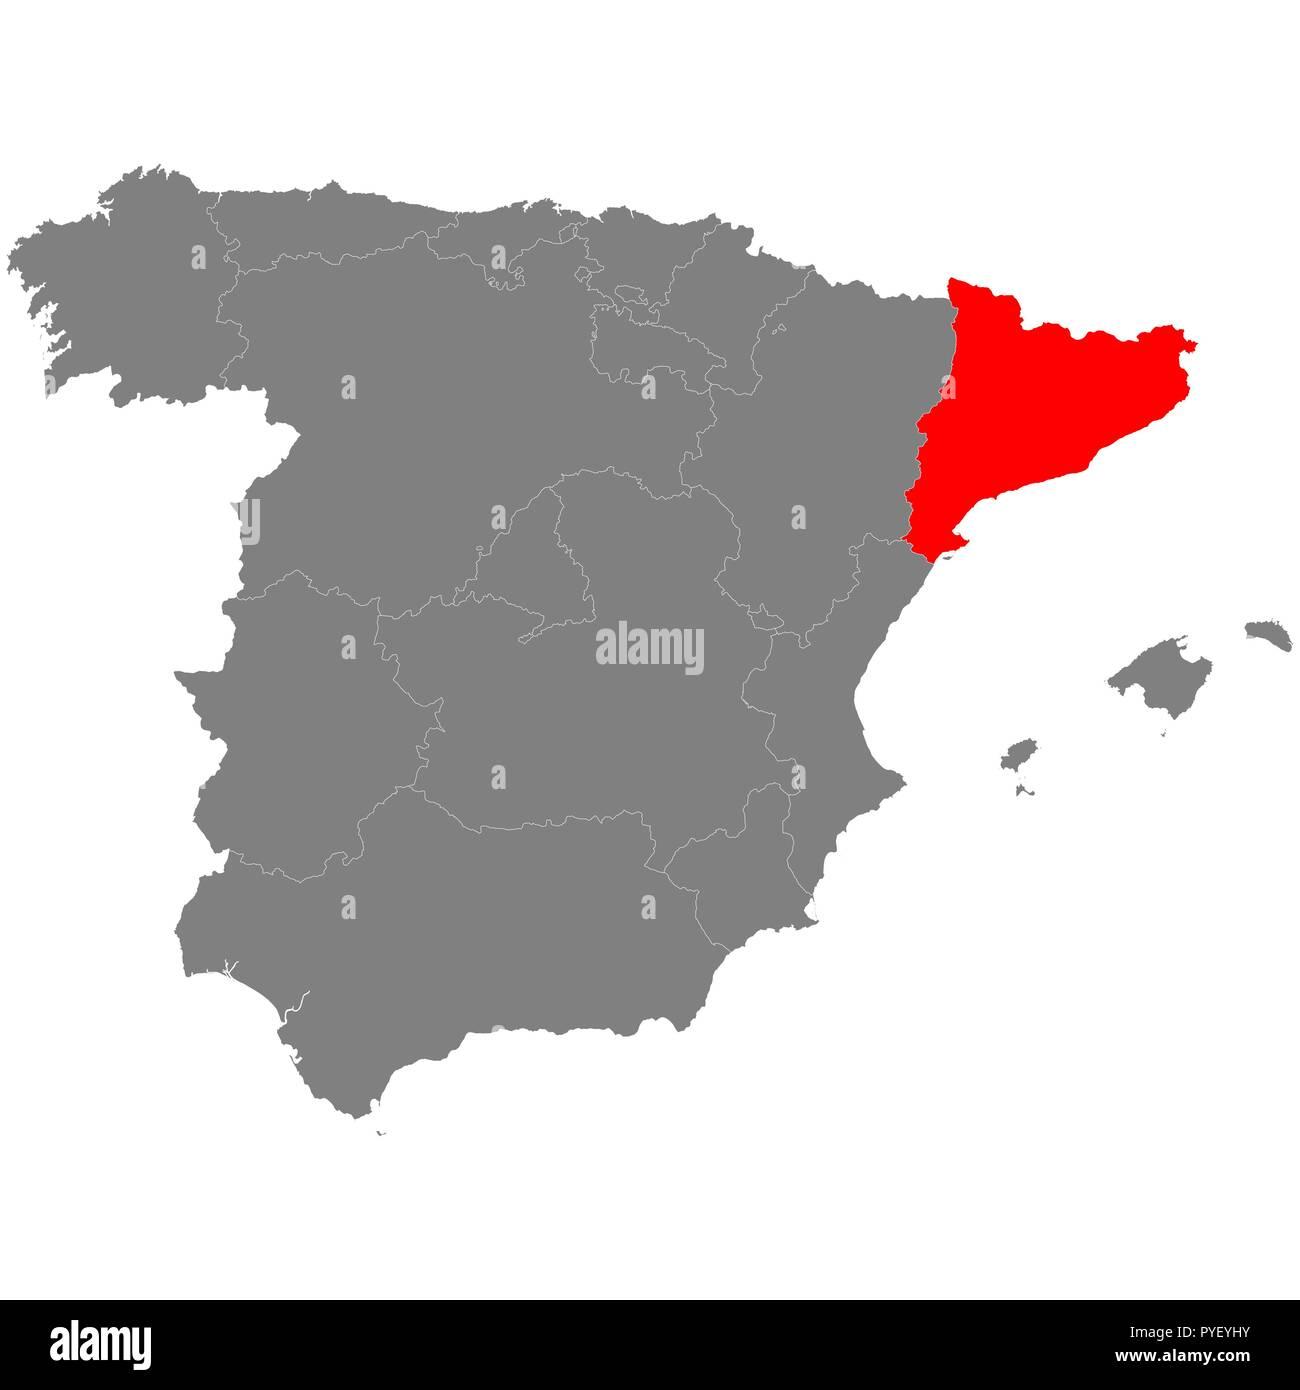 Spanien Katalonien Karte.Hohe Qualität Karte Von Spanien Mit Borderrs Von Katalonien Vektor